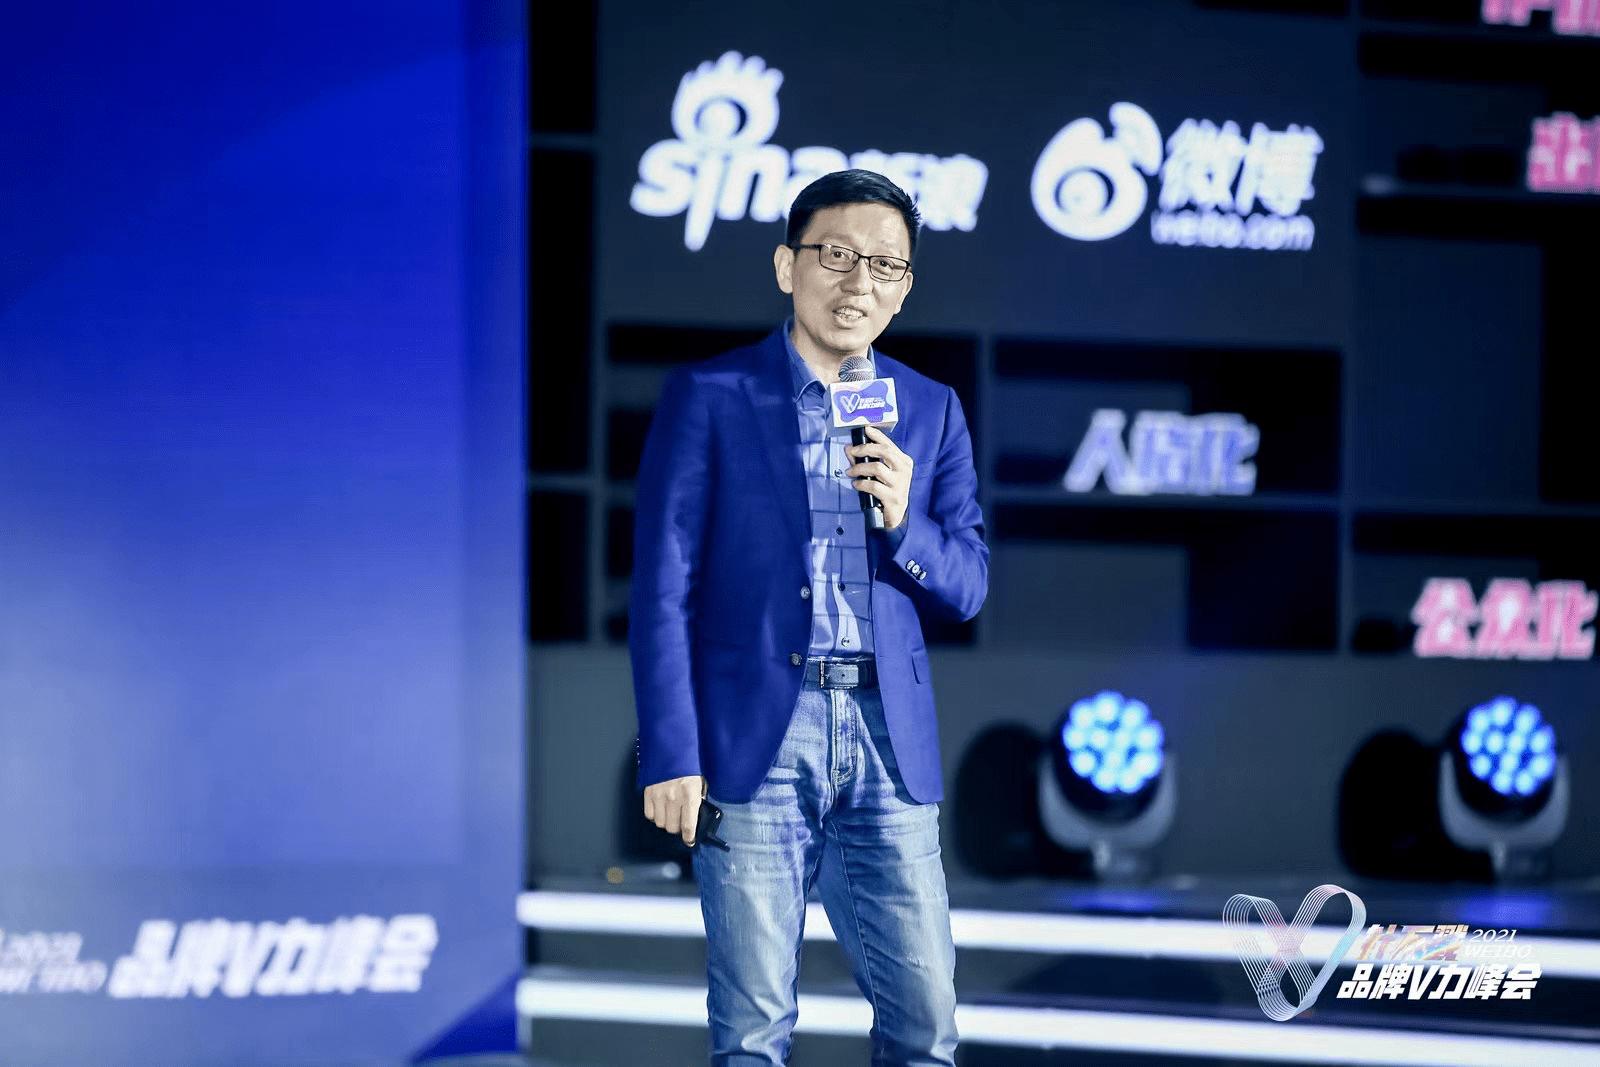 """顧均輝出席微博品牌V力峰會,發表""""新消費時代下的企業戰略突圍""""主題演講"""